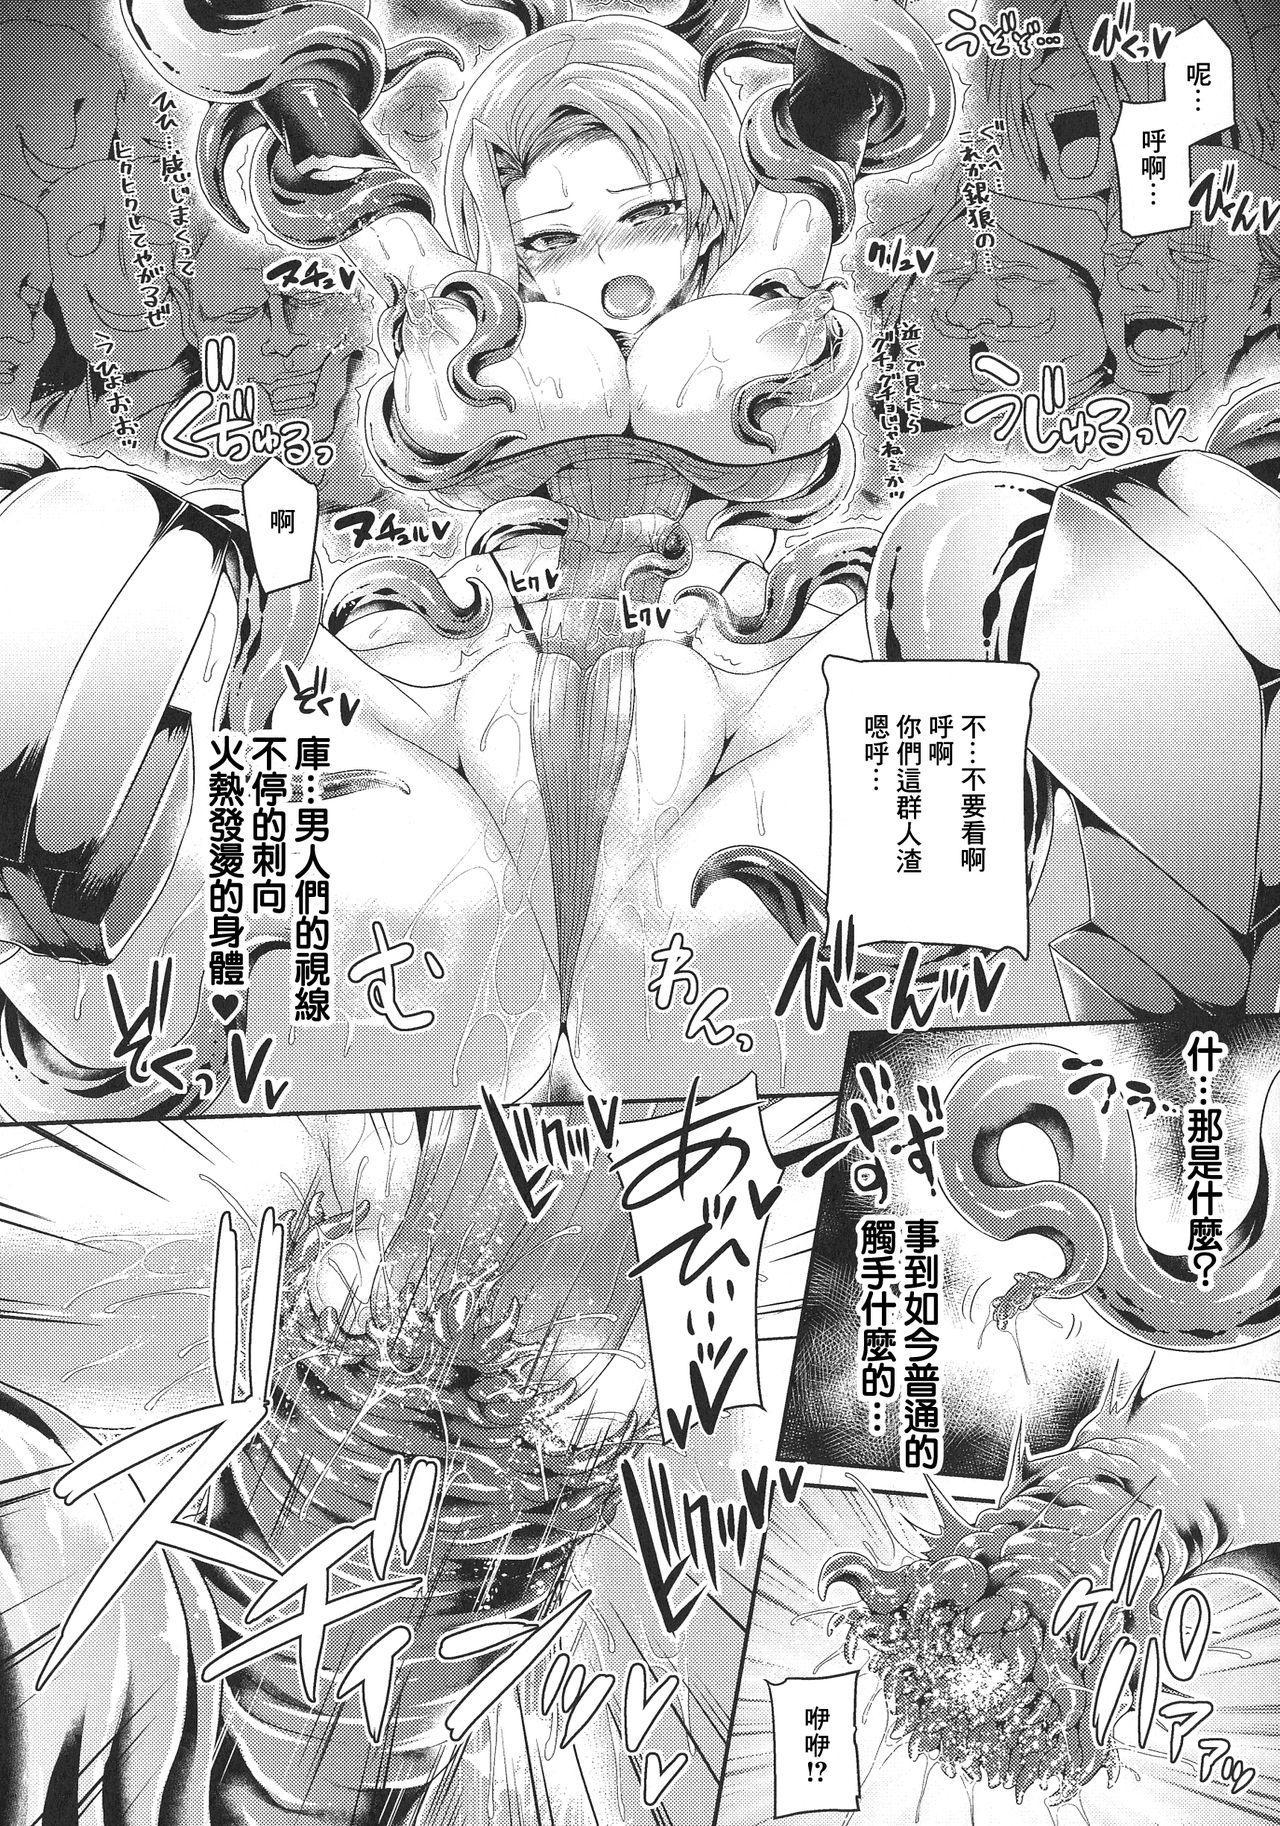 Futanari Gal Brave - Tsuiteru Gal Yuusha Isekai no ji ni Botsu 124